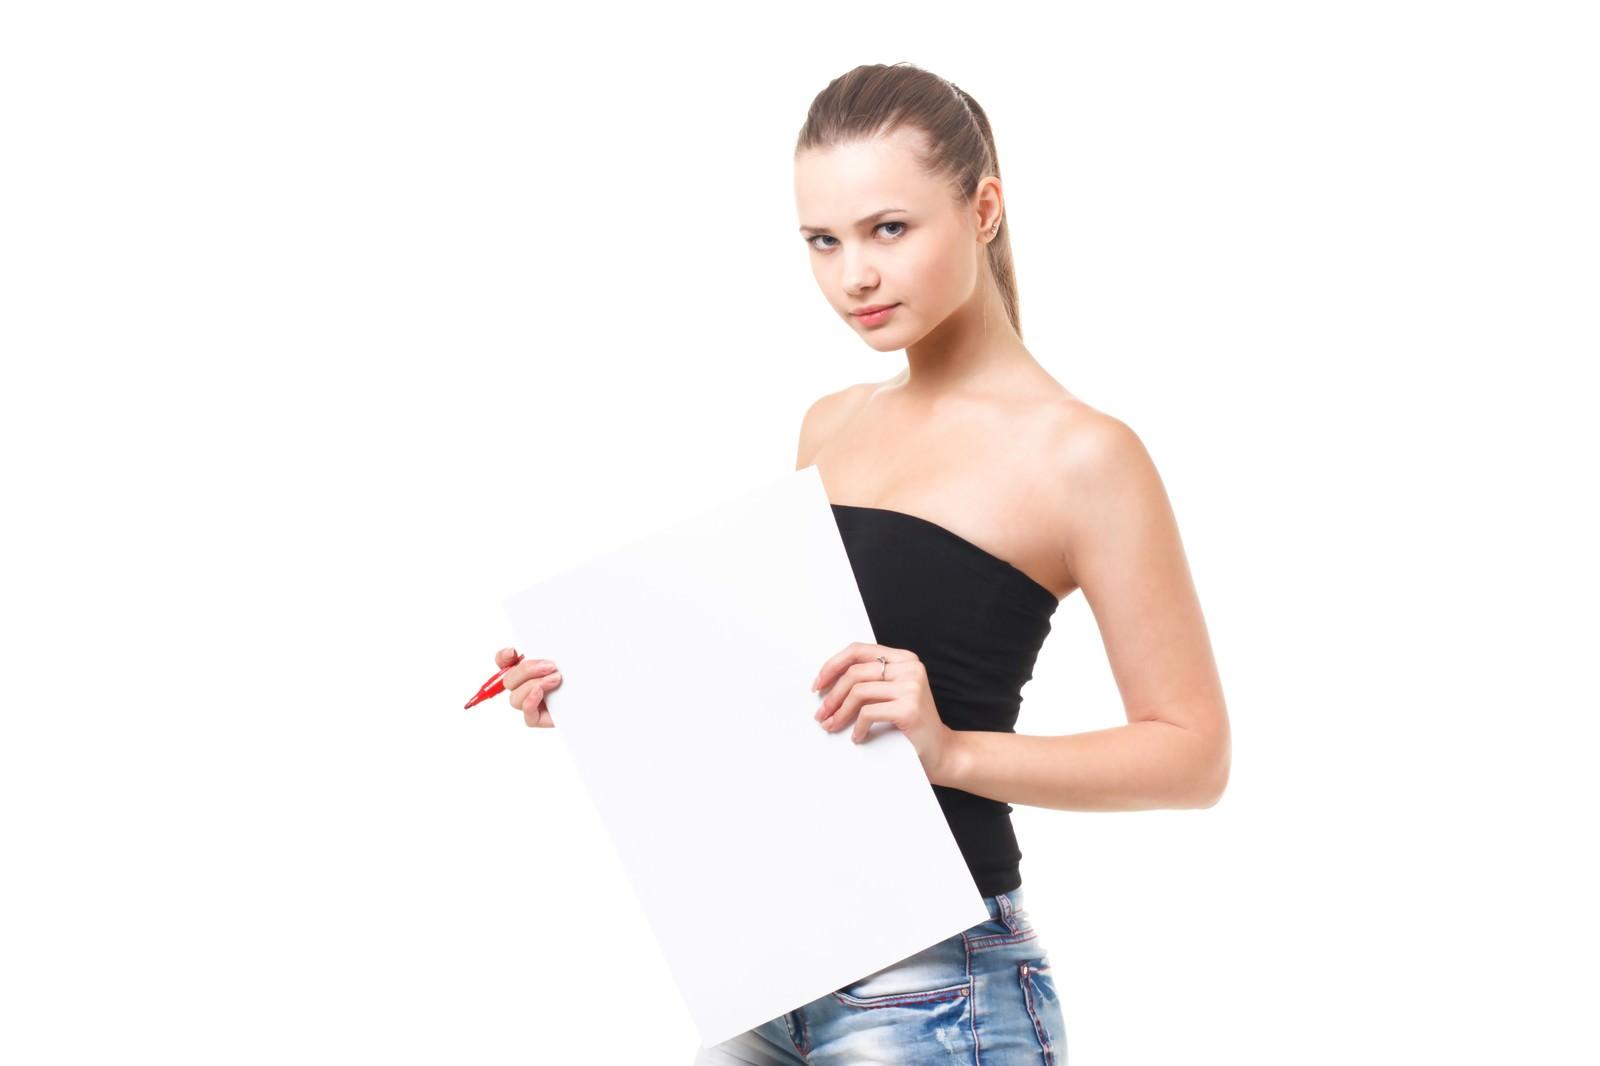 「白いボードを手に持った外国人の女性」の写真[モデル:モデルファクトリー]